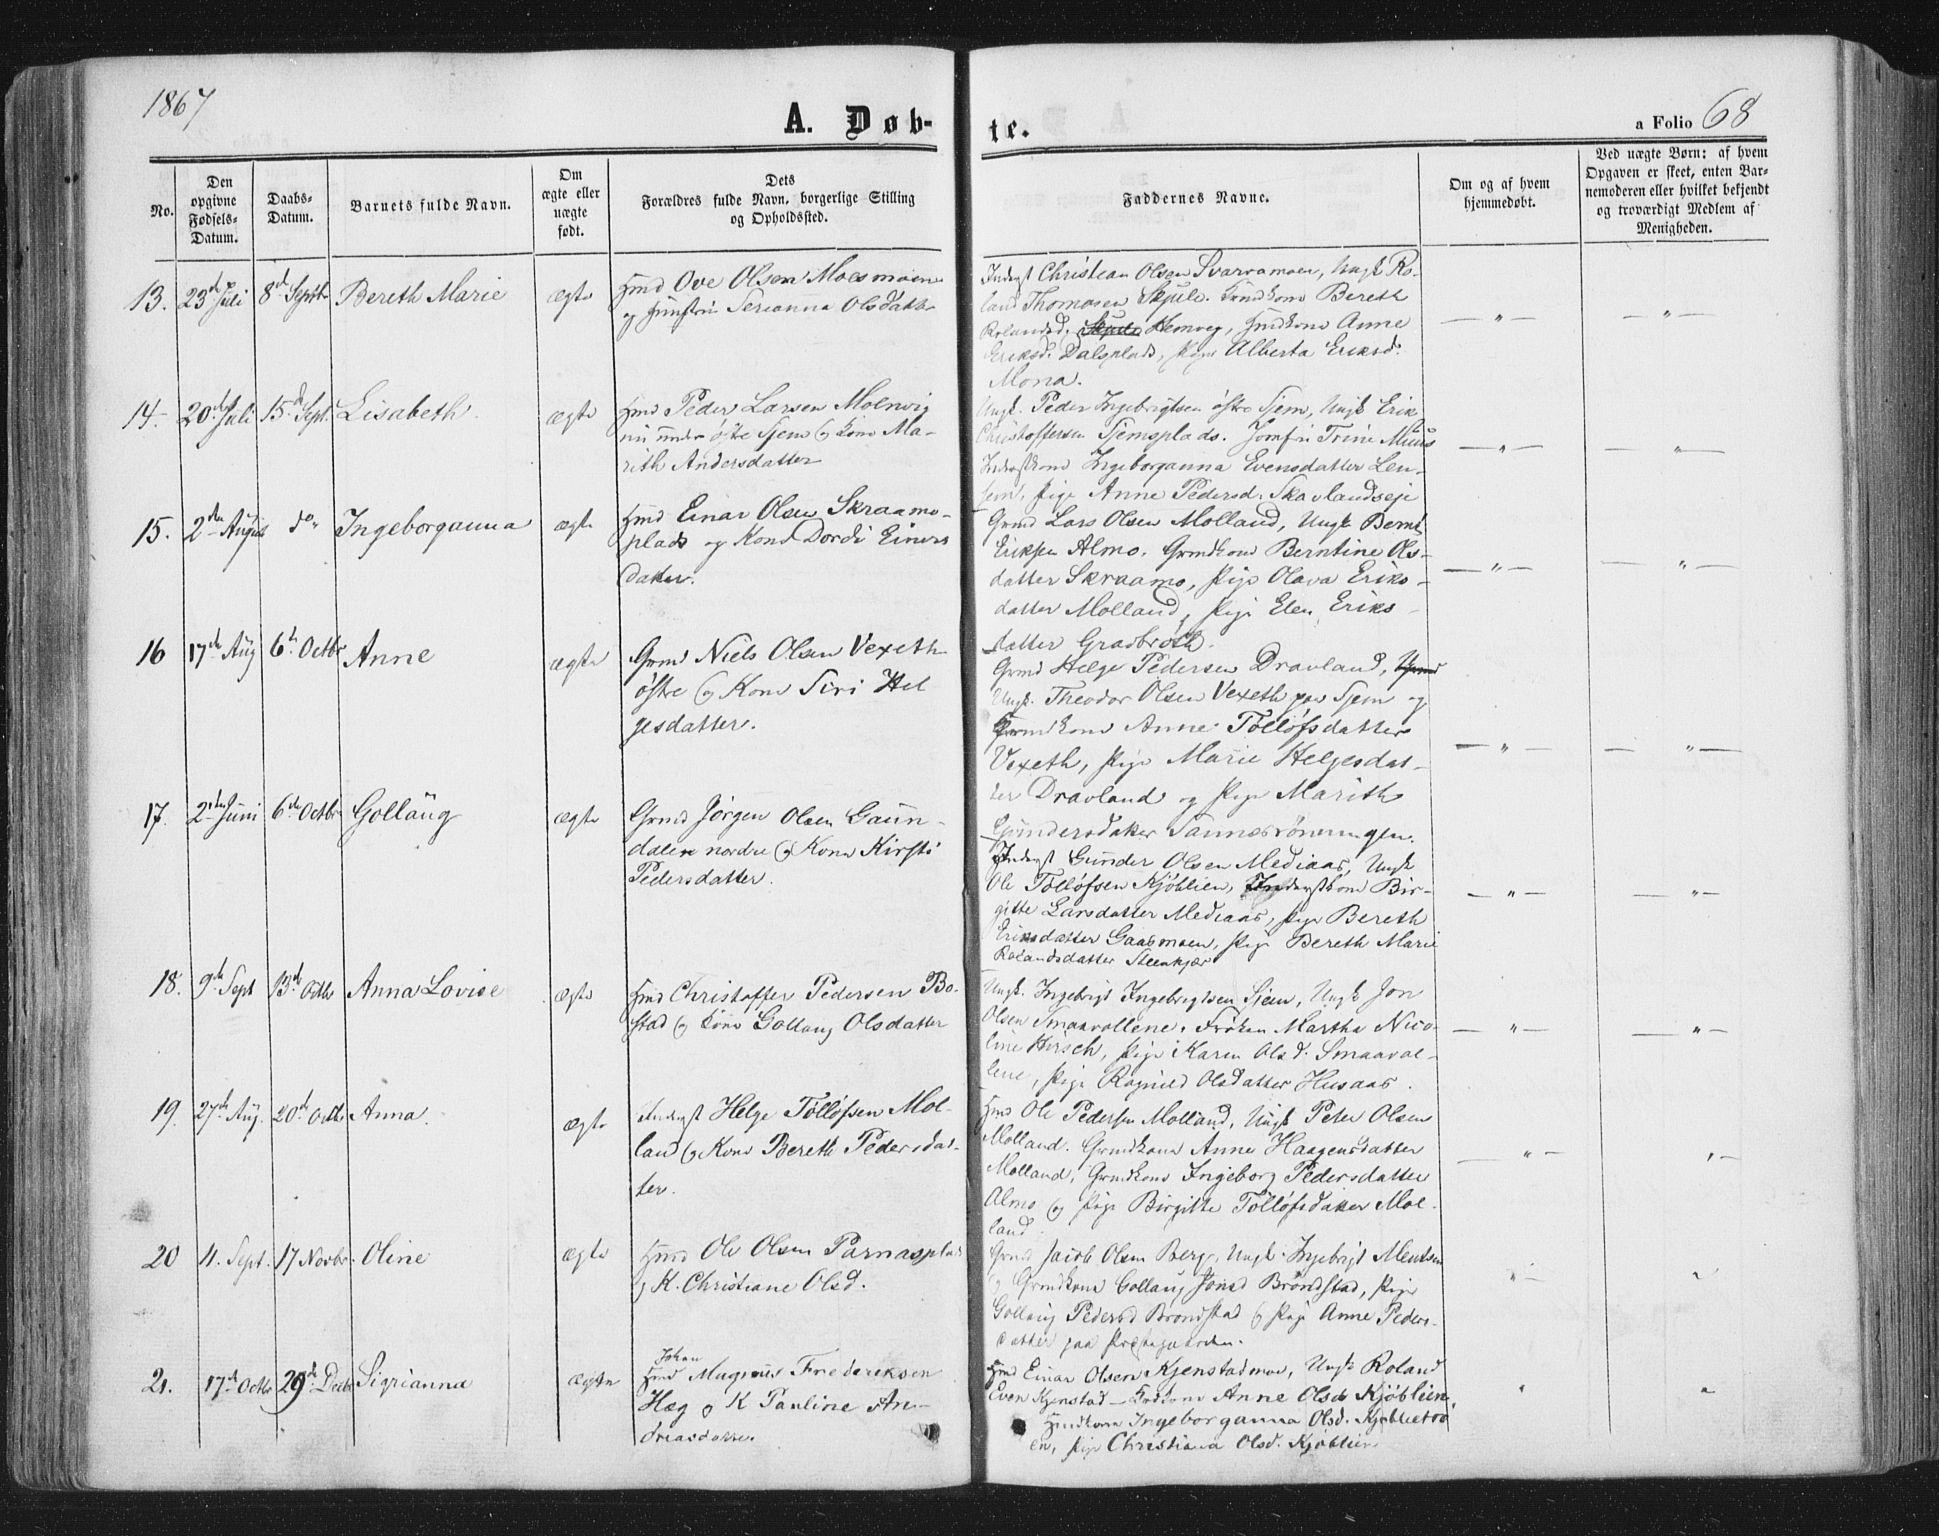 SAT, Ministerialprotokoller, klokkerbøker og fødselsregistre - Nord-Trøndelag, 749/L0472: Ministerialbok nr. 749A06, 1857-1873, s. 68